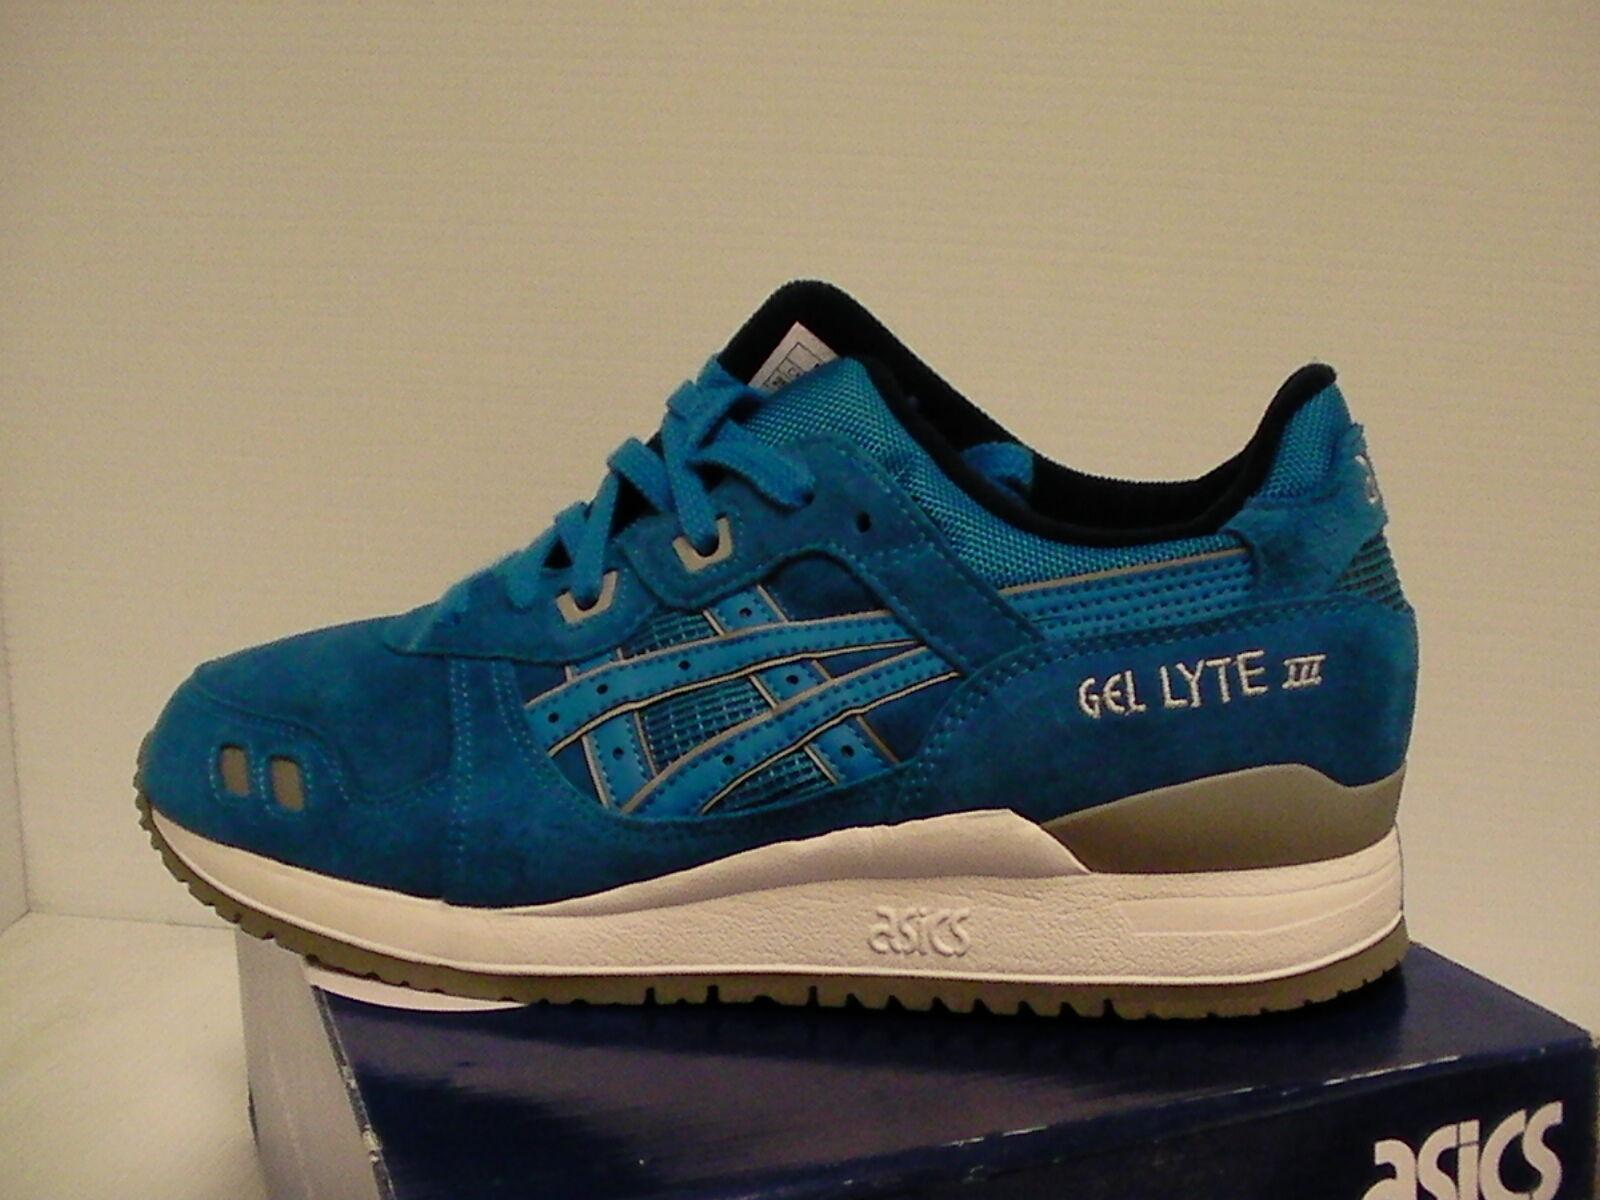 Zapatos De Entrenamiento Asics Gel-Lyte III EE. UU. hombres Azul Nuevo Con Caja